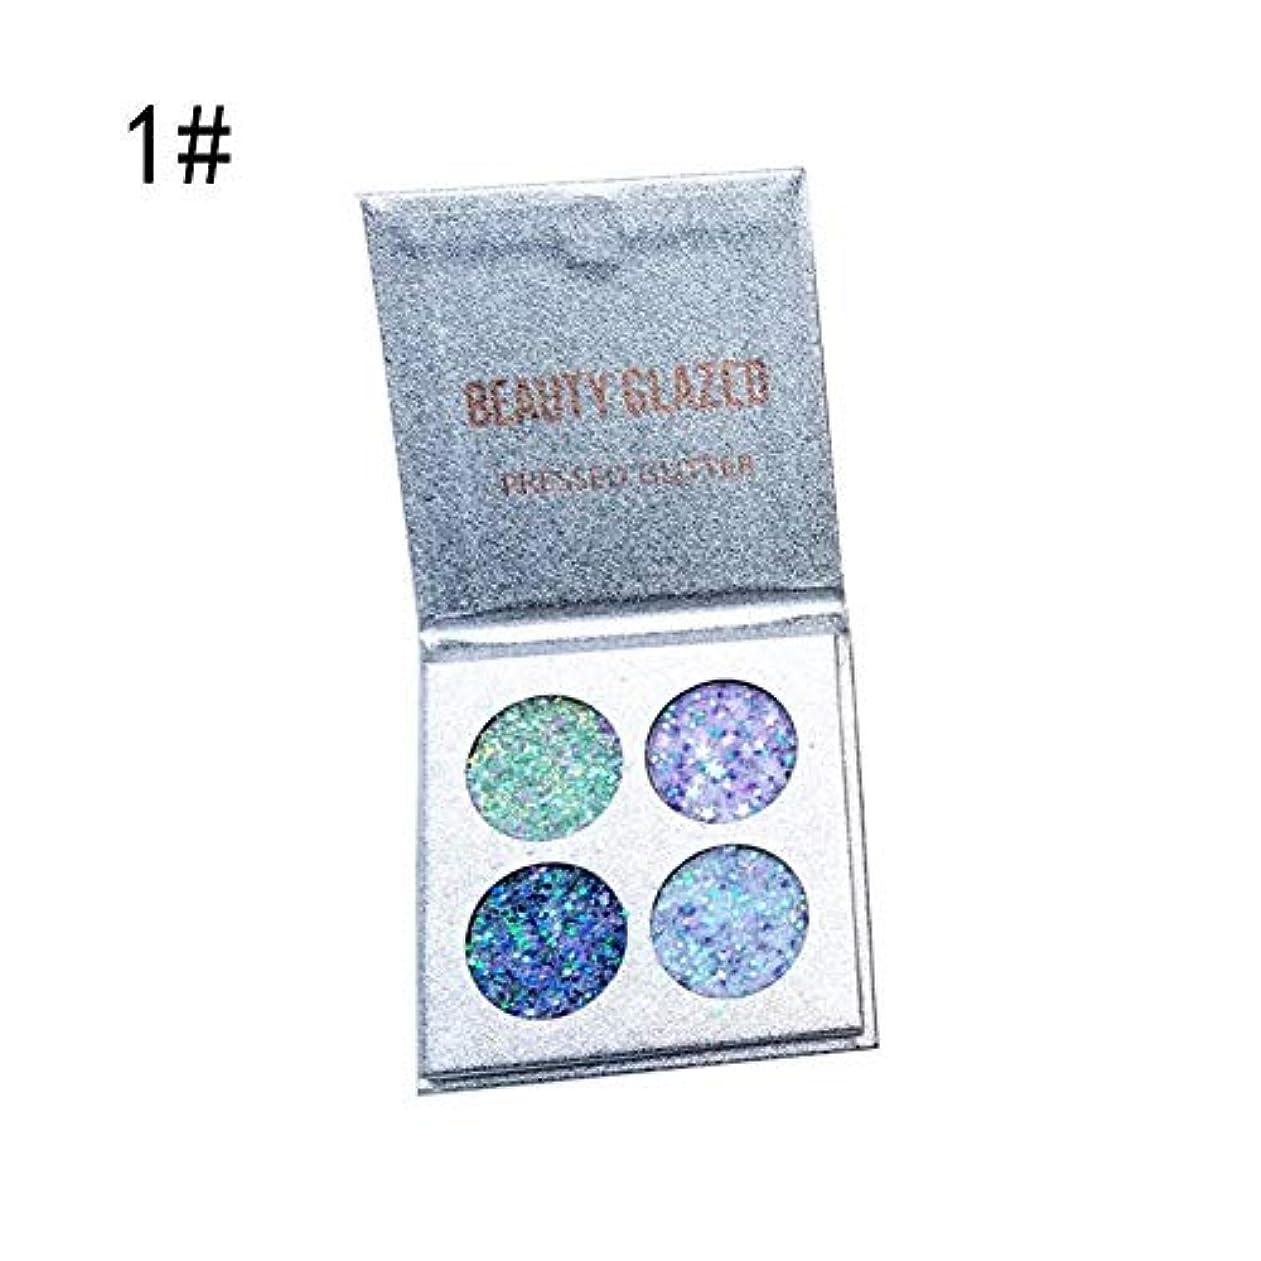 目覚めるチキン誘うBETTER YOU (ベター ュー) beauty glazed 4色スパンコールアイシャドウ、浮遊粉なし、しみ込みやすく、防水、防汗性、持続性、天然 (A 1#)